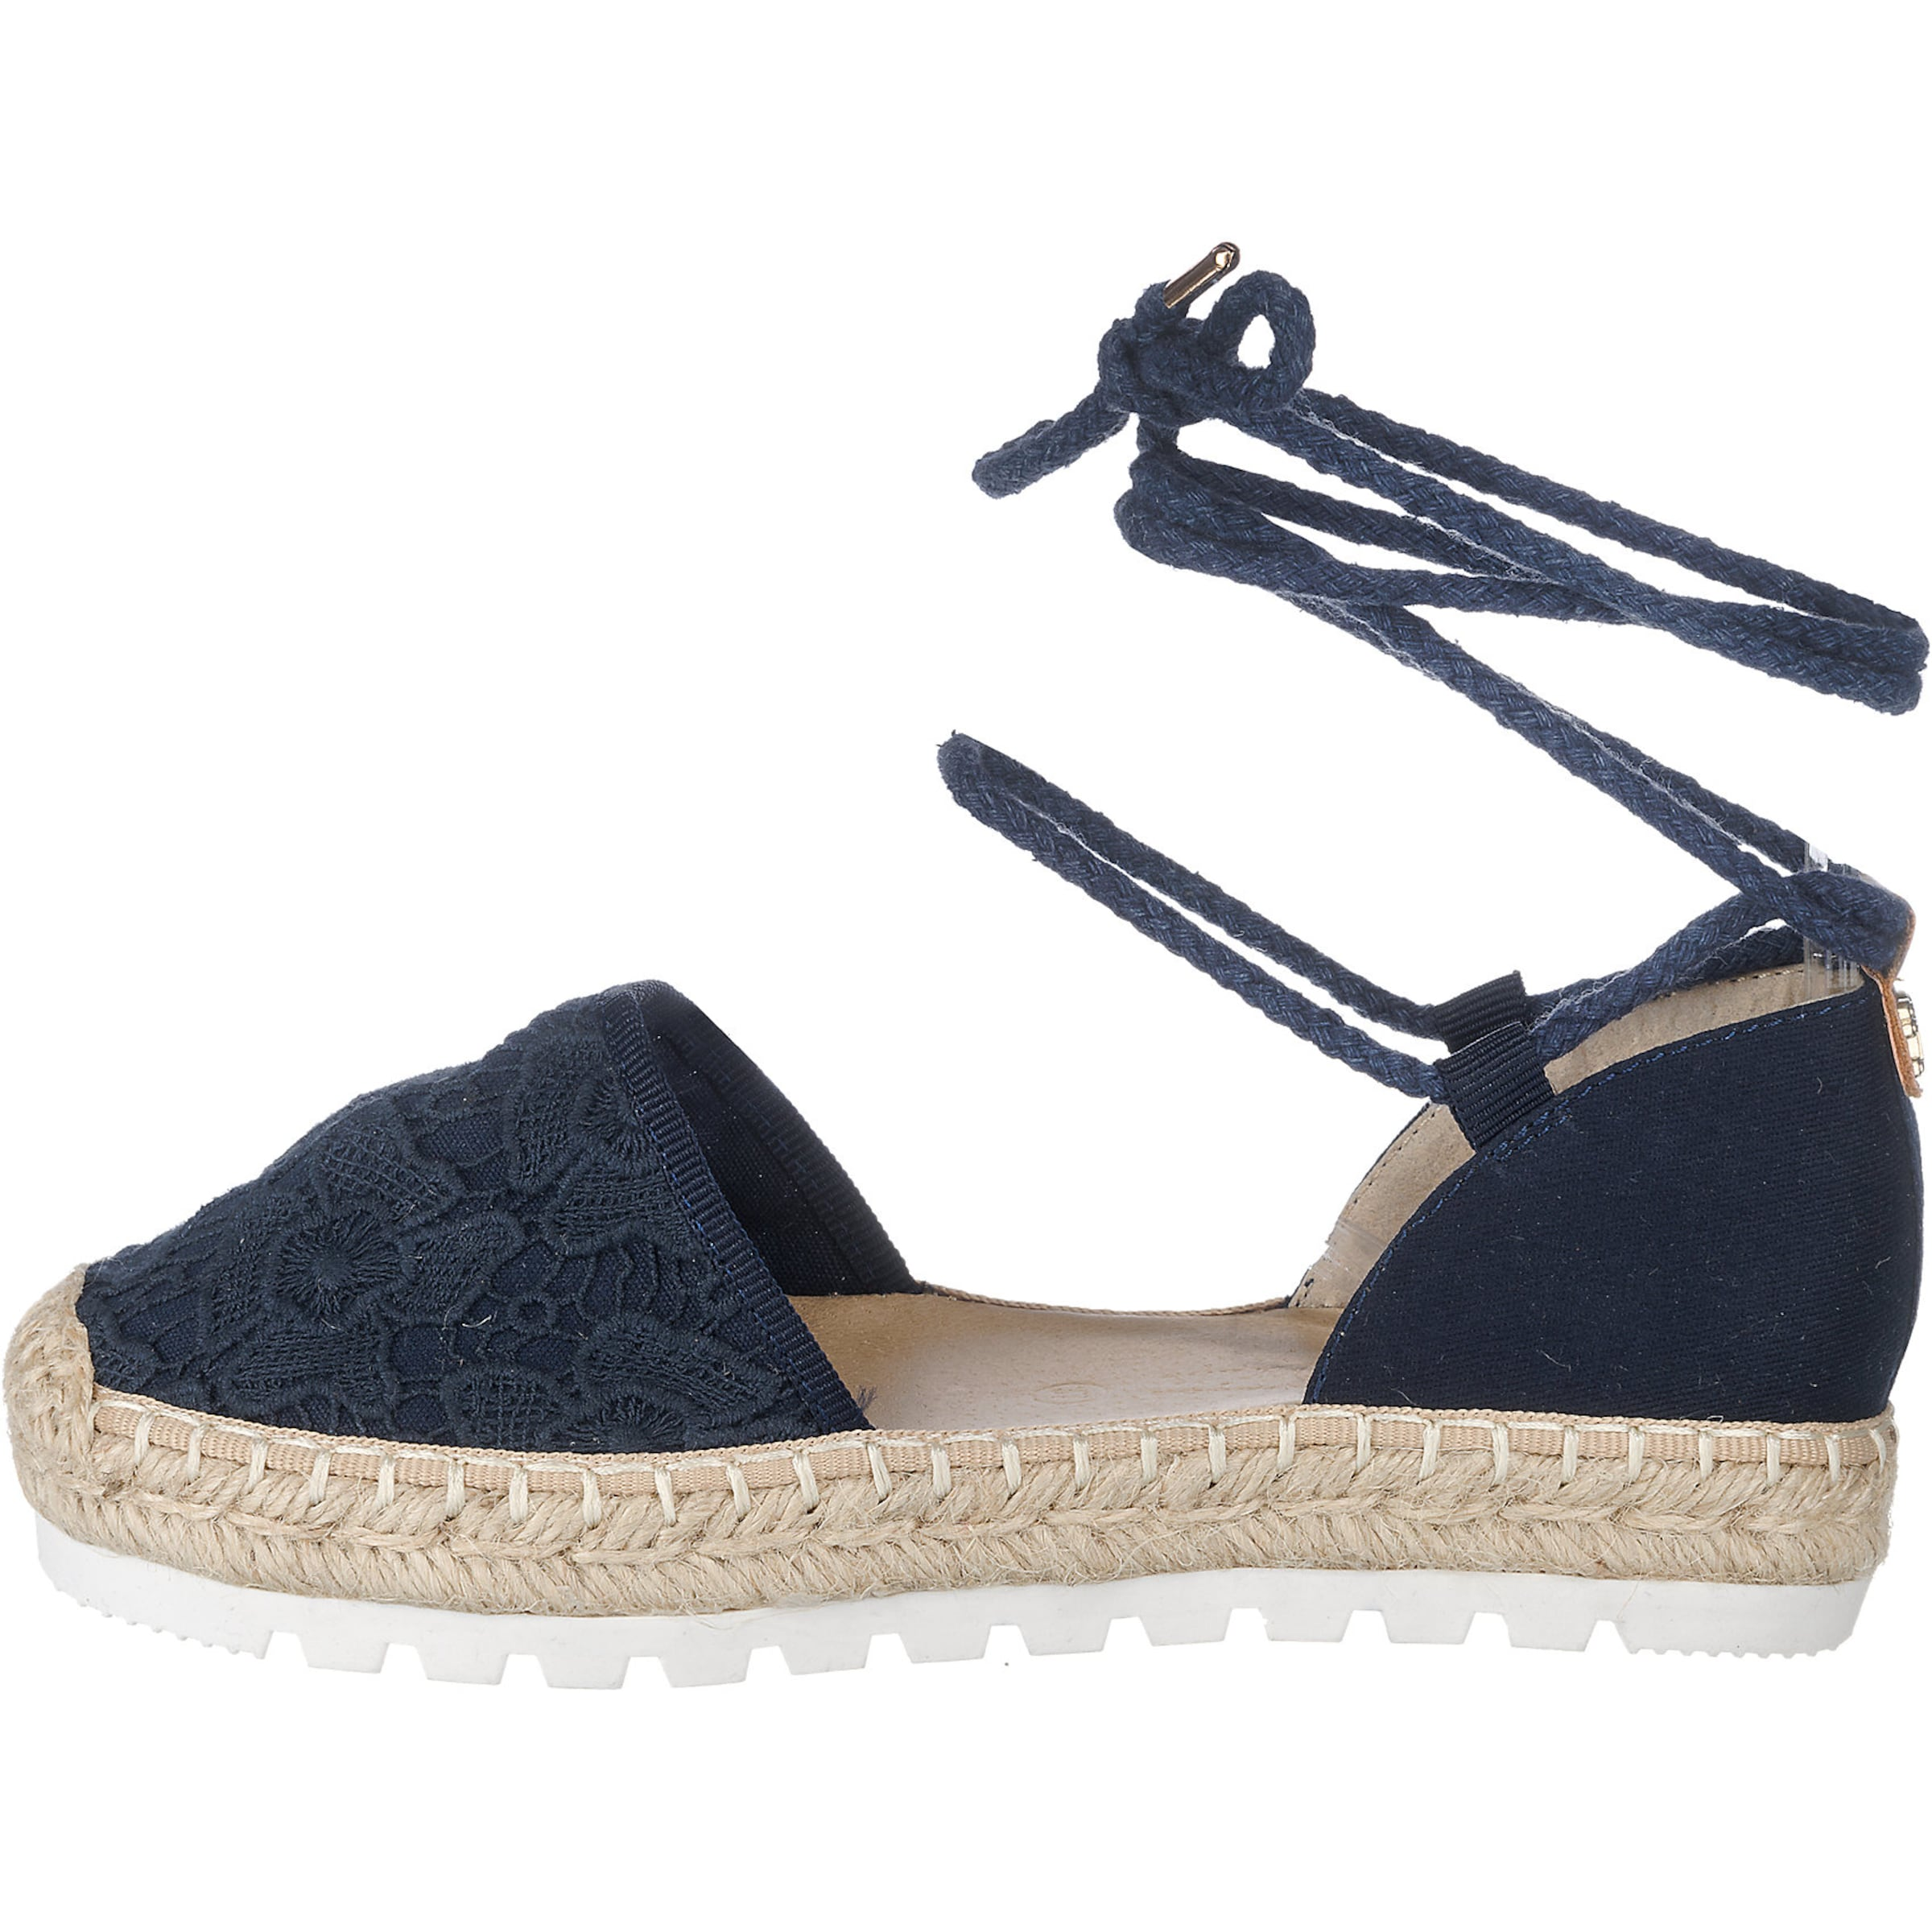 Sie Günstig Online Authentisch Verkauf Erhalten Zu Kaufen TOM TAILOR Sandaletten Günstiger Preis Großhandel Freies Verschiffen Footaction dIKky